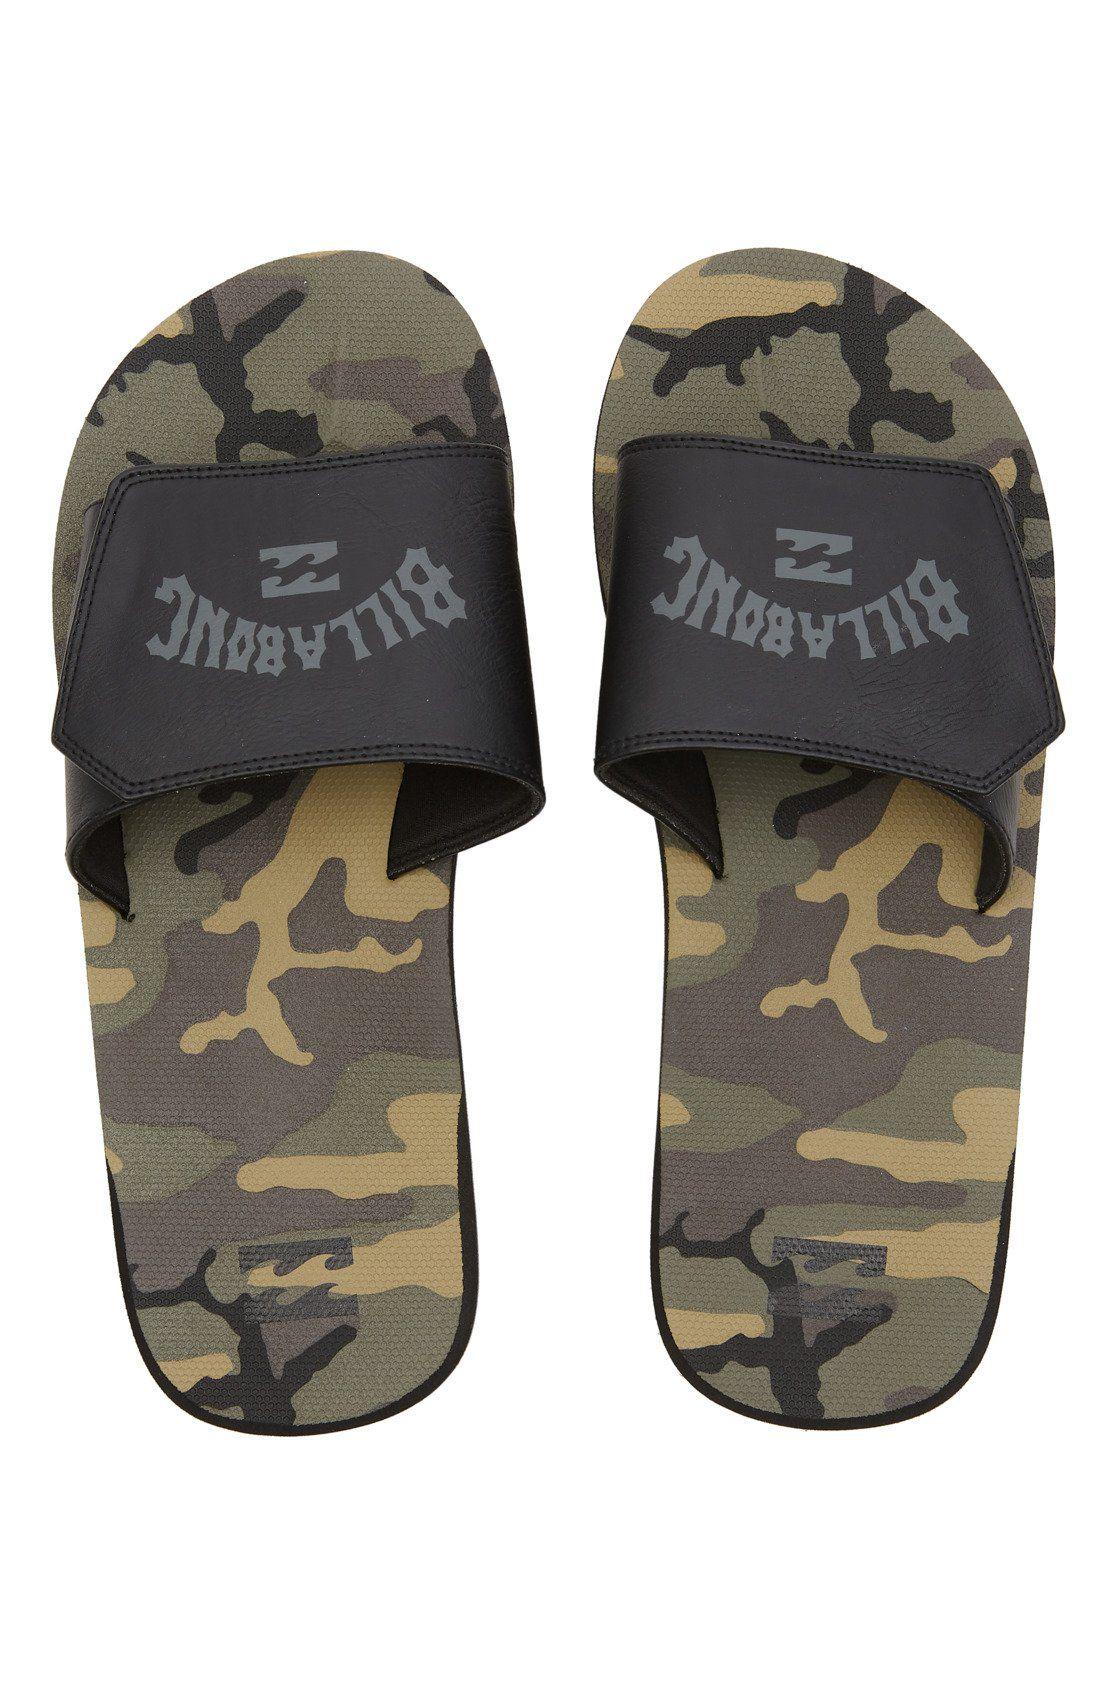 Billabong Sandals ALL DAY IMPACT SLIDE Camo